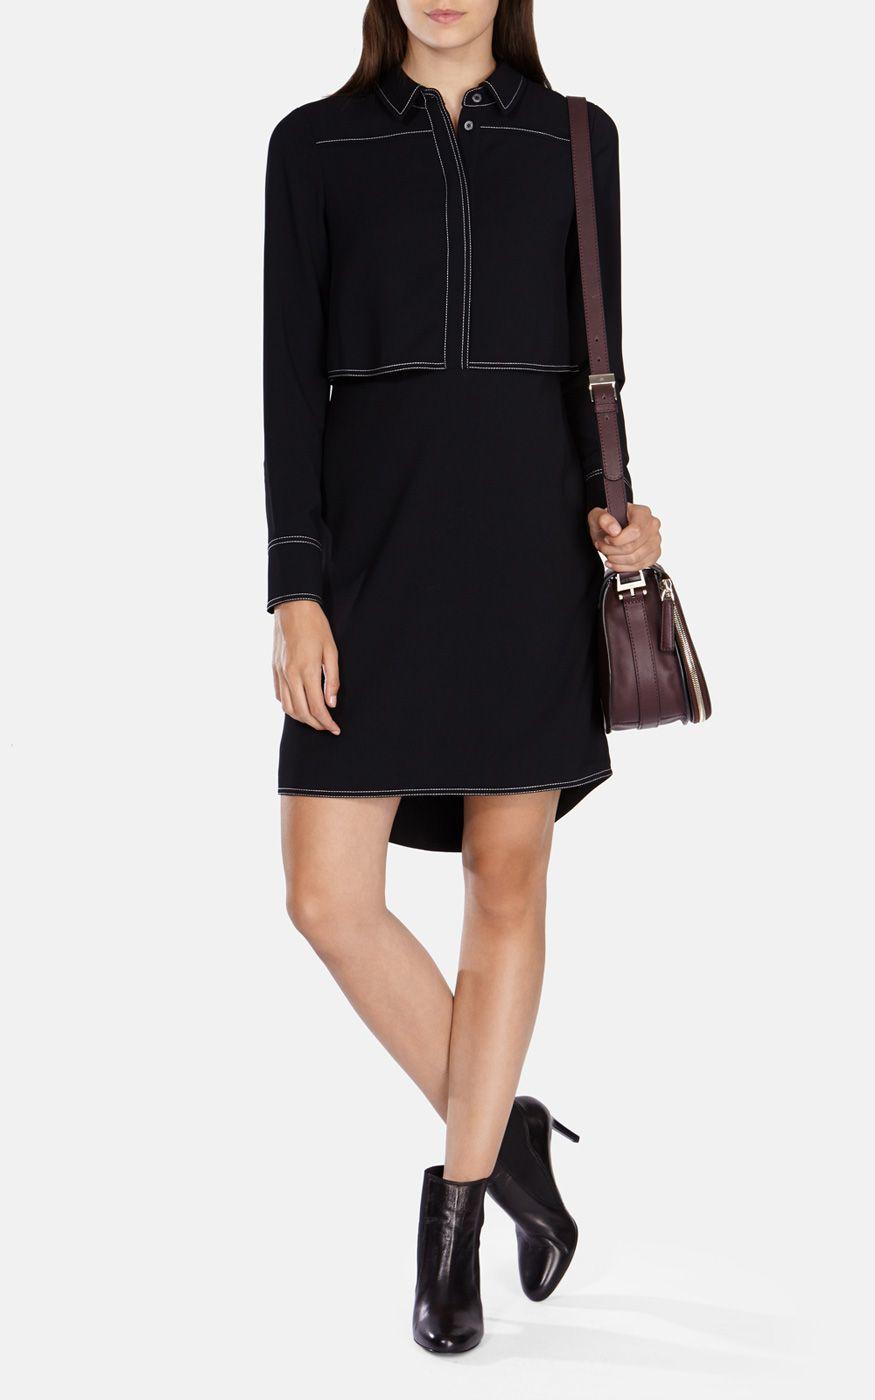 Black dress karen millen - Gallery